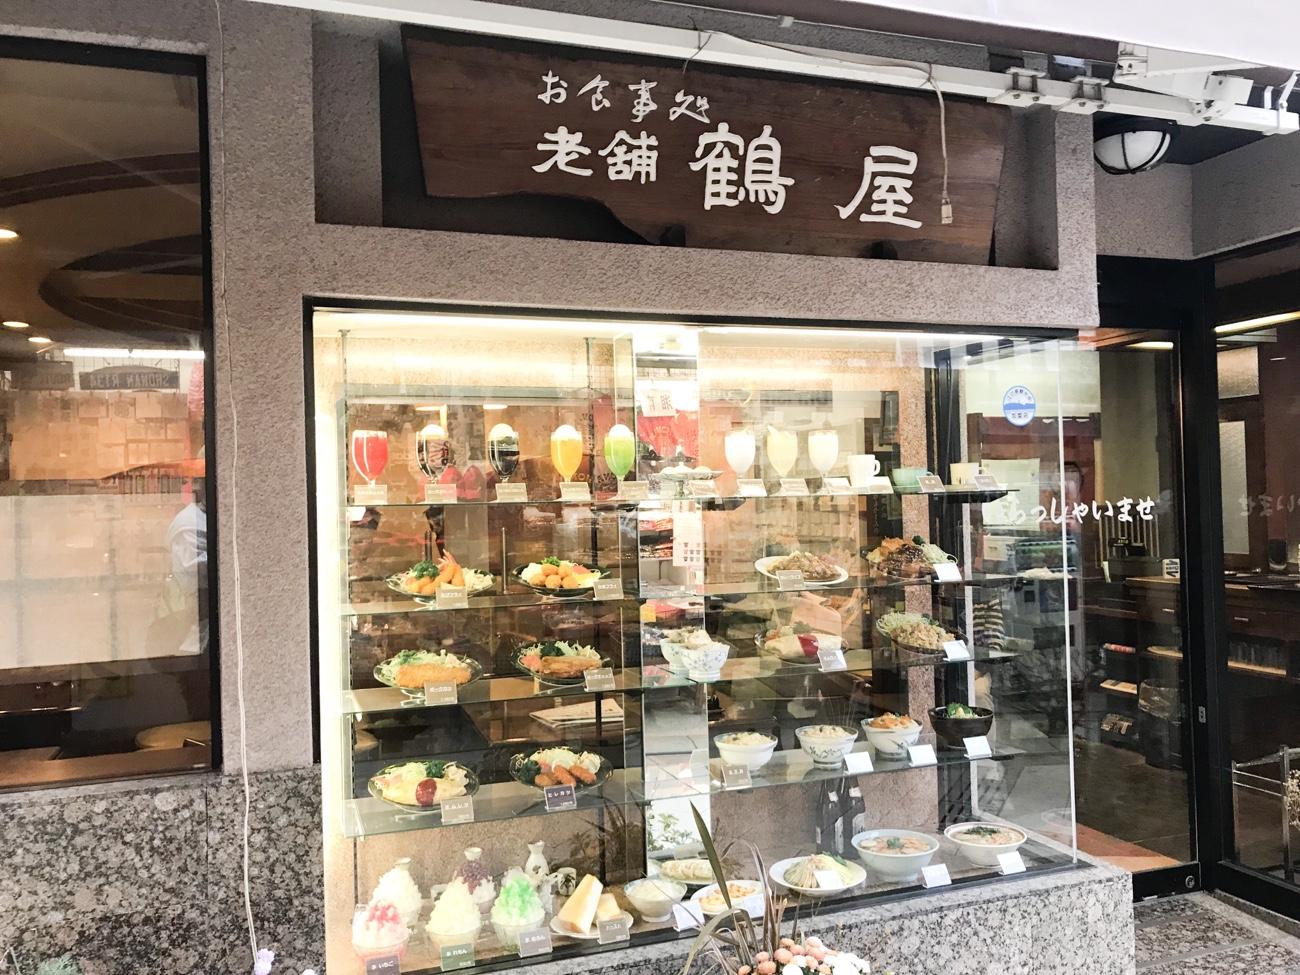 鶴屋 江ノ島老舗食事処 かつ丼